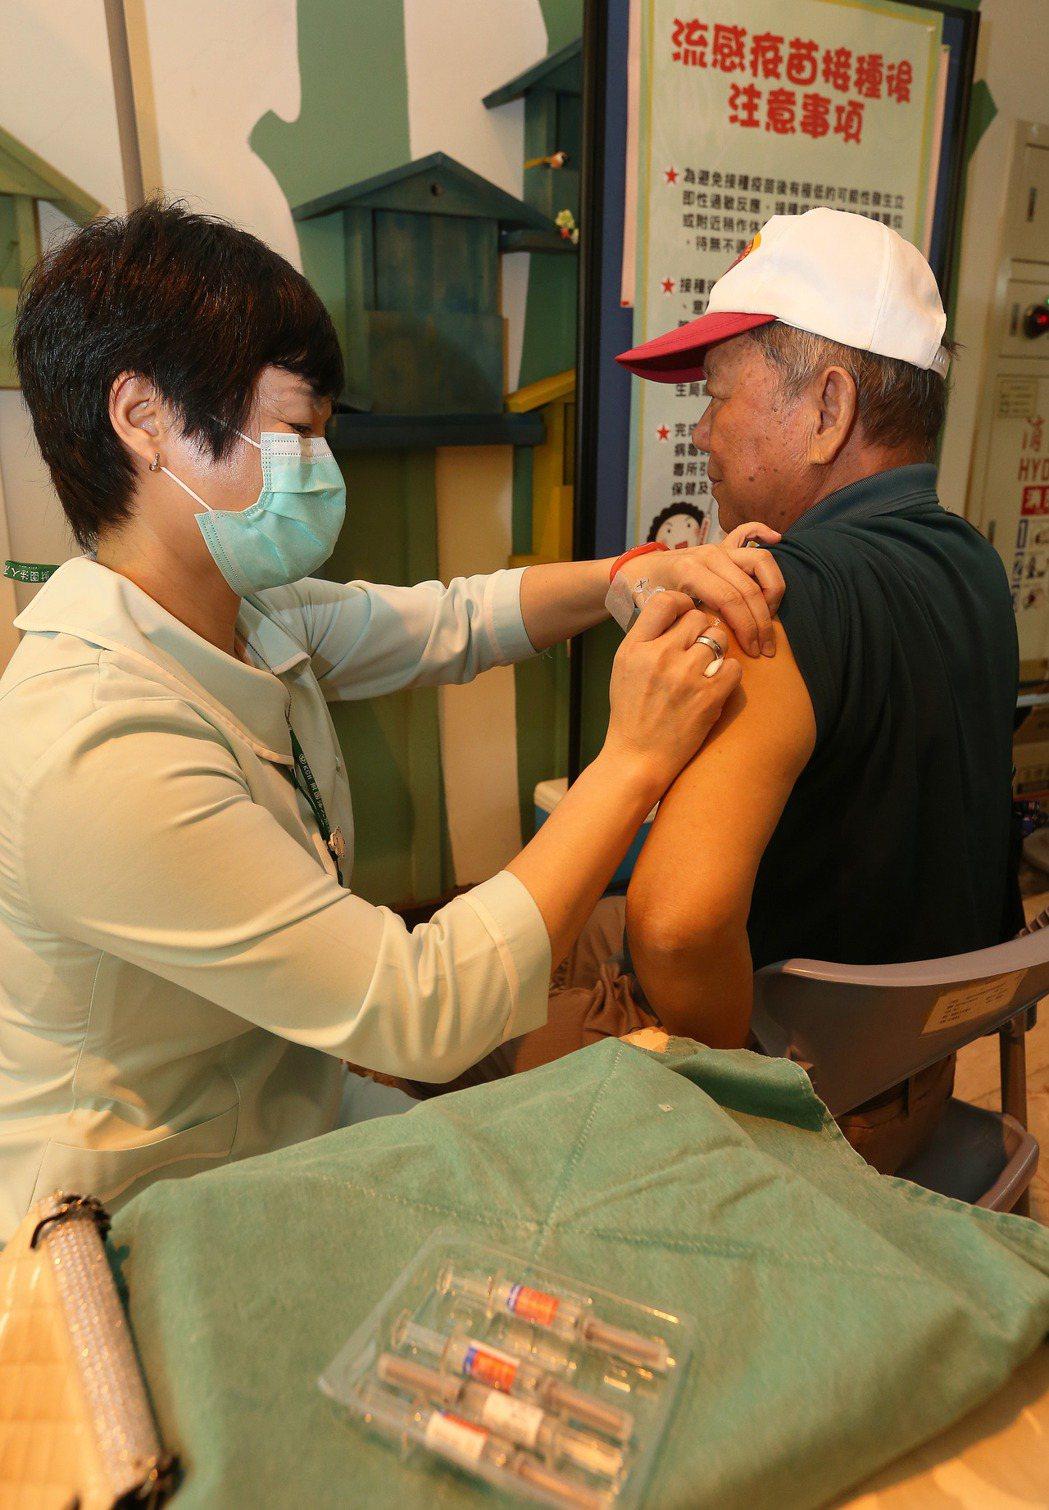 因應流感季節到來,今年擴大公費流感疫苗的施打範圍,比去年增加300萬劑流感疫苗。...